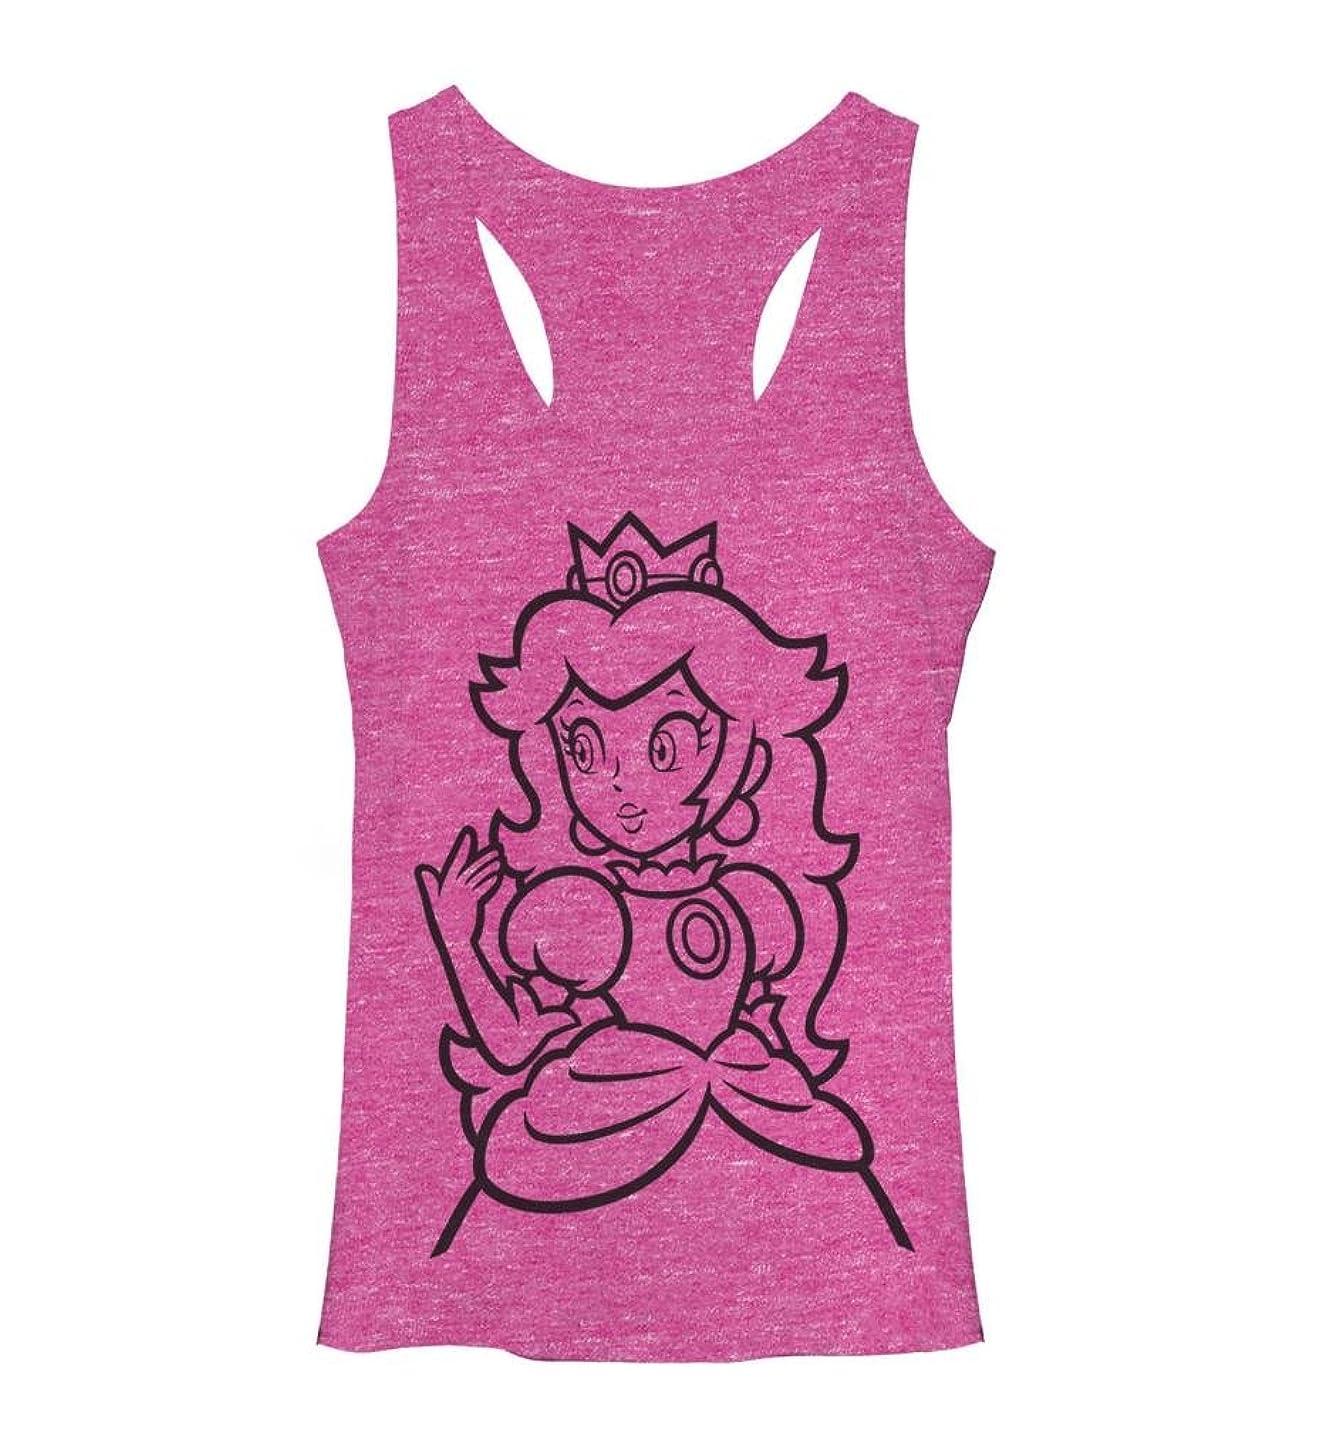 Juniors Tank Top: Super Mario Bros- Peach Outline Size M